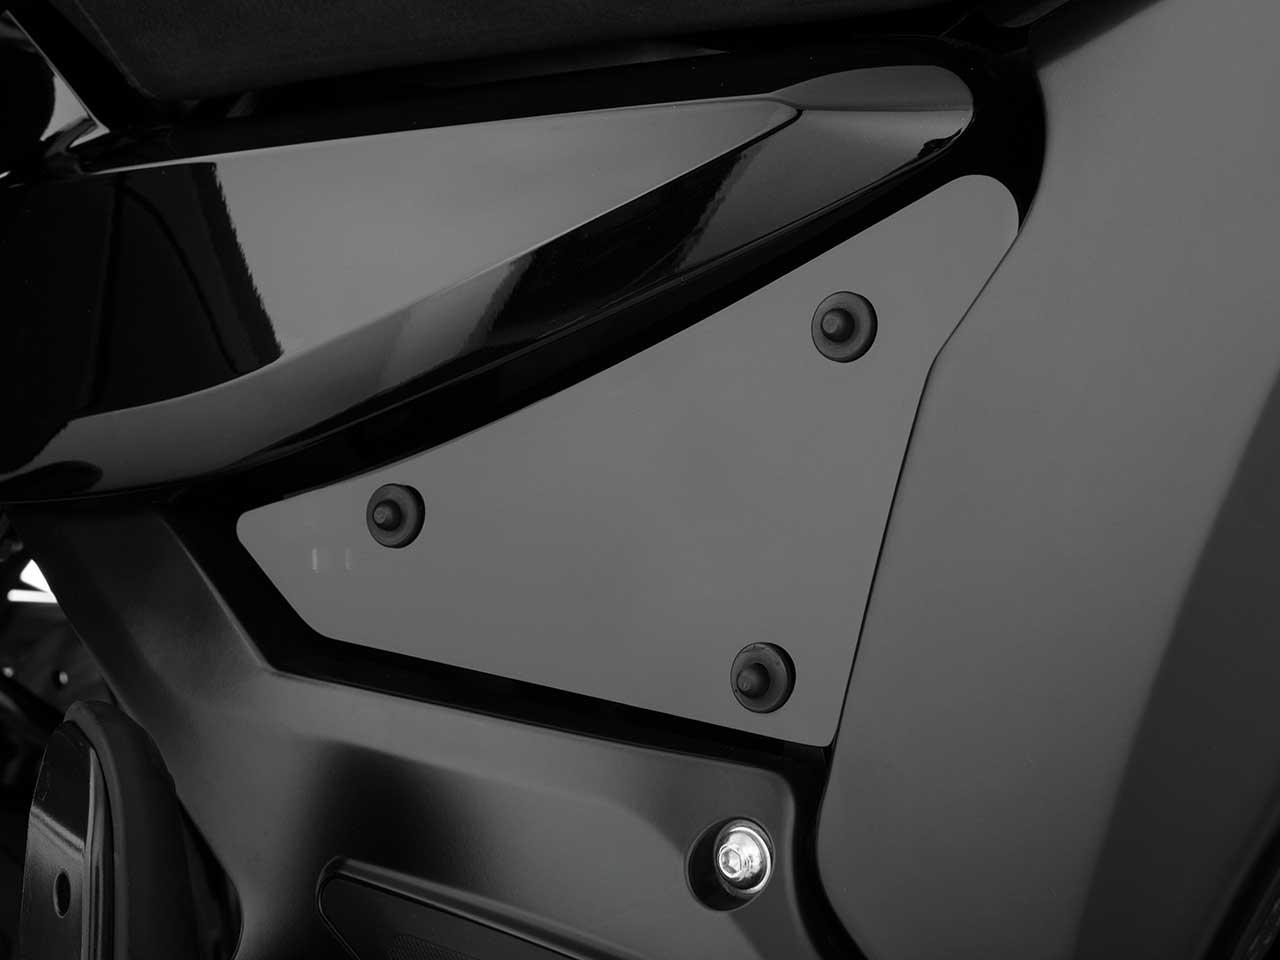 ワンダーリッヒ サイドカバー BMW K1600B / K1600 GrandAmerica